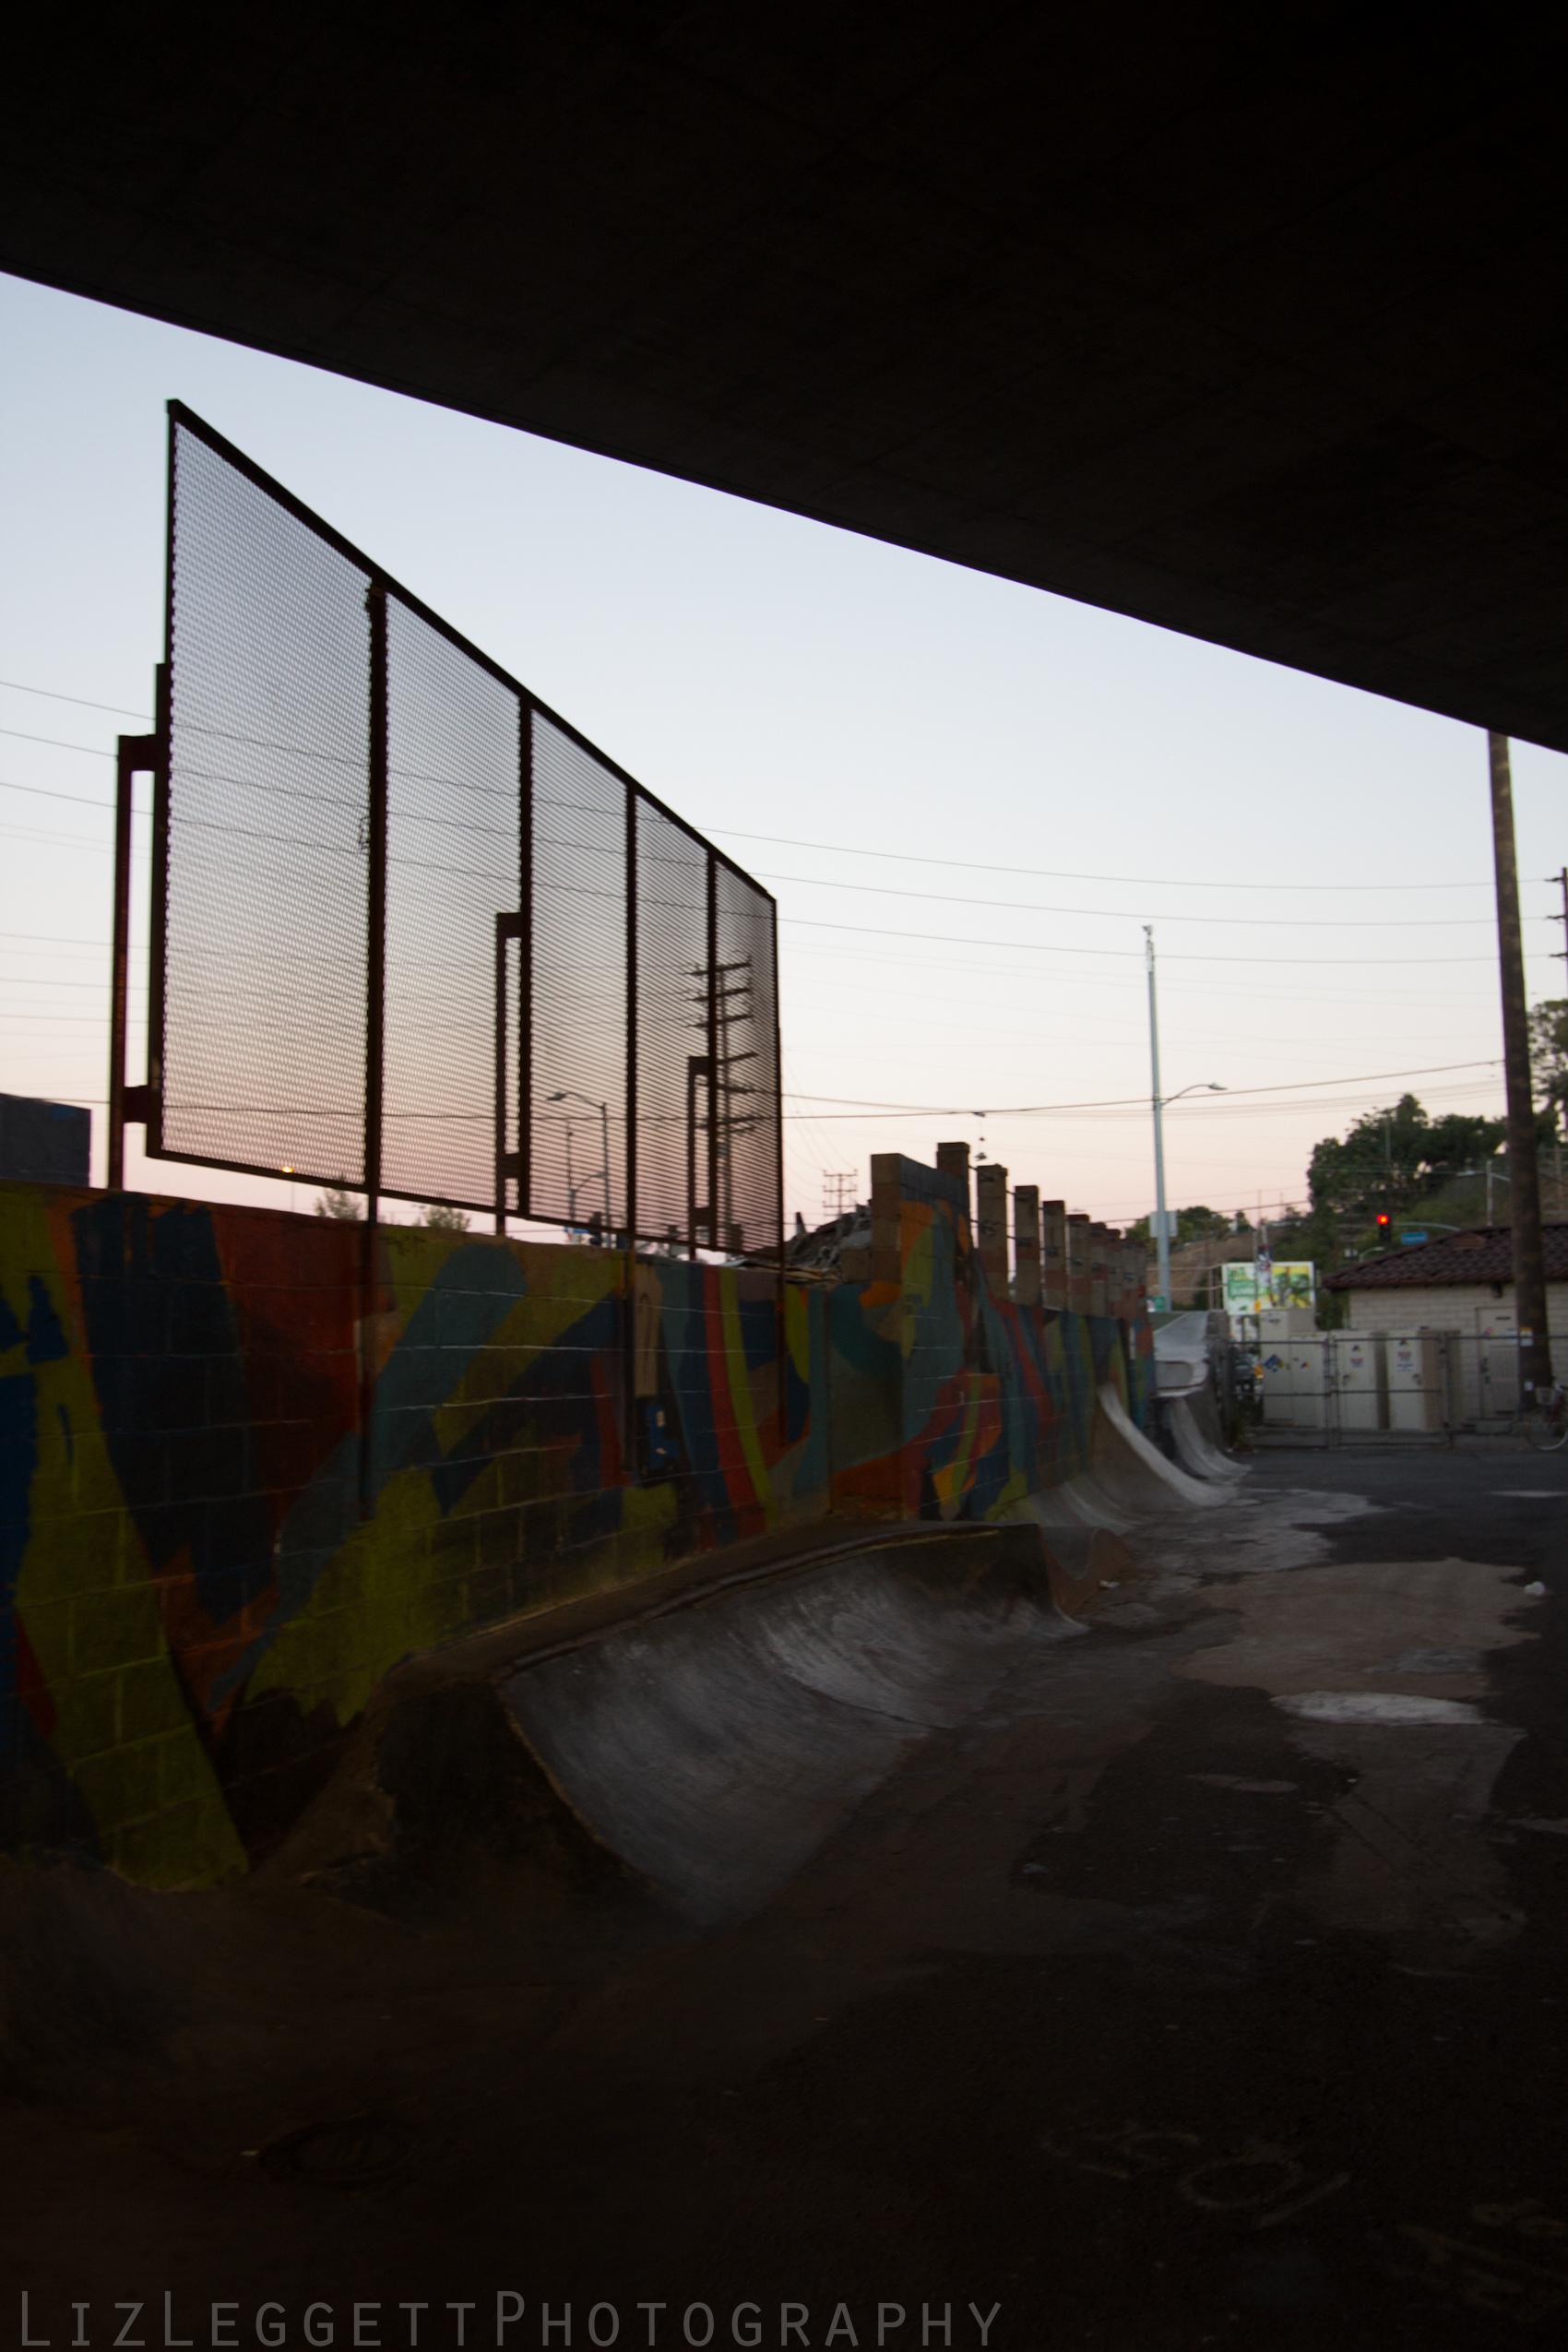 liz_leggett_photography_skatepark_watermarked-0271.jpg